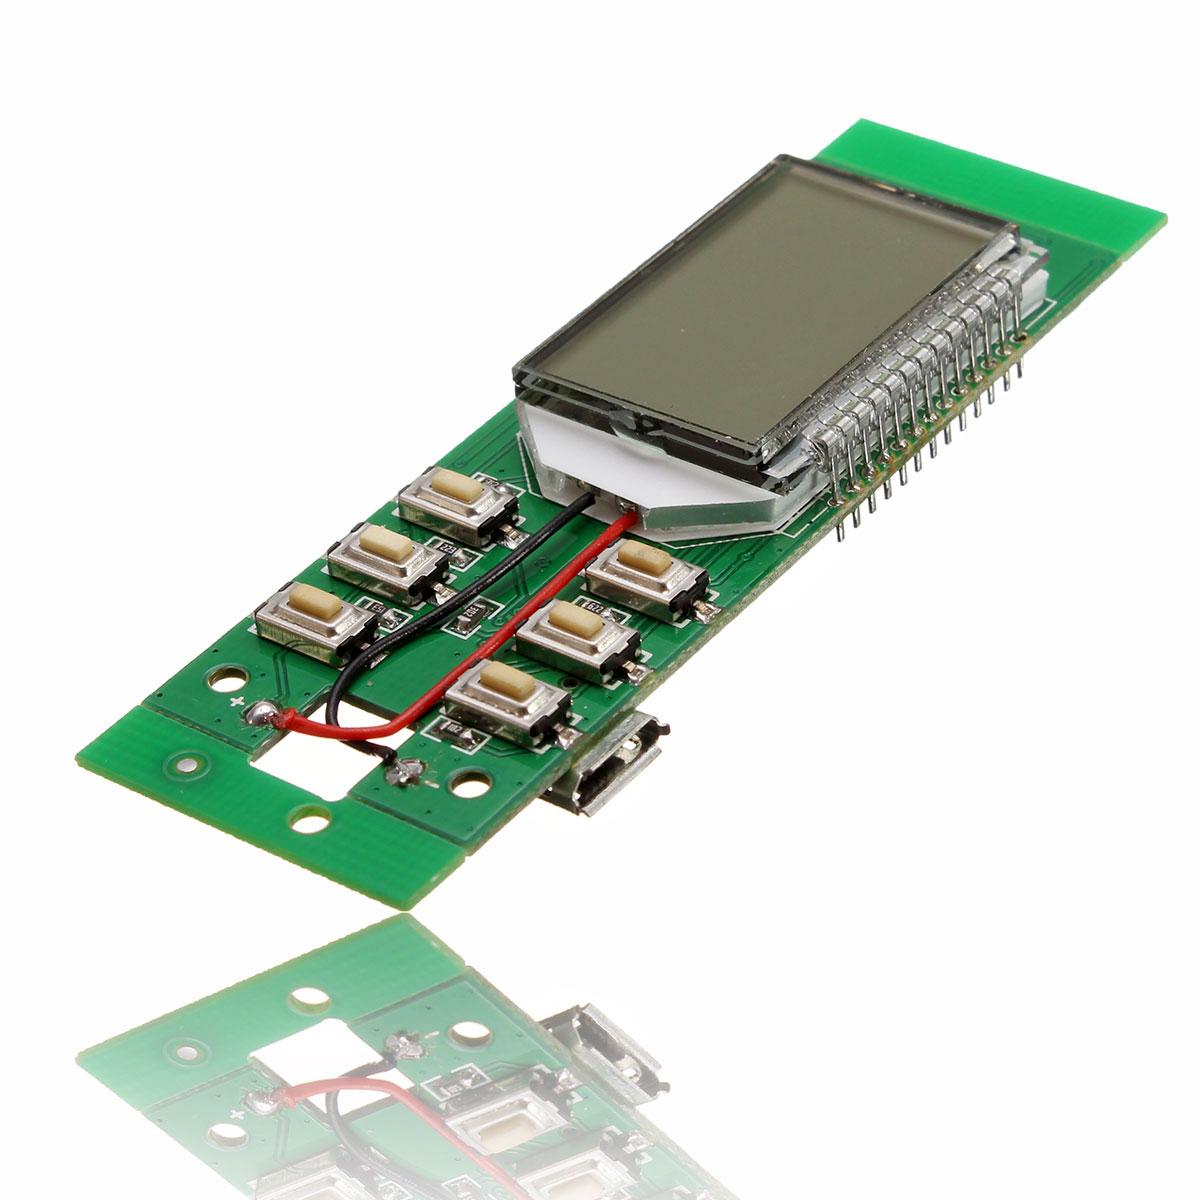 схема ам фм радиоприёмника на микросхеме ta 2003p